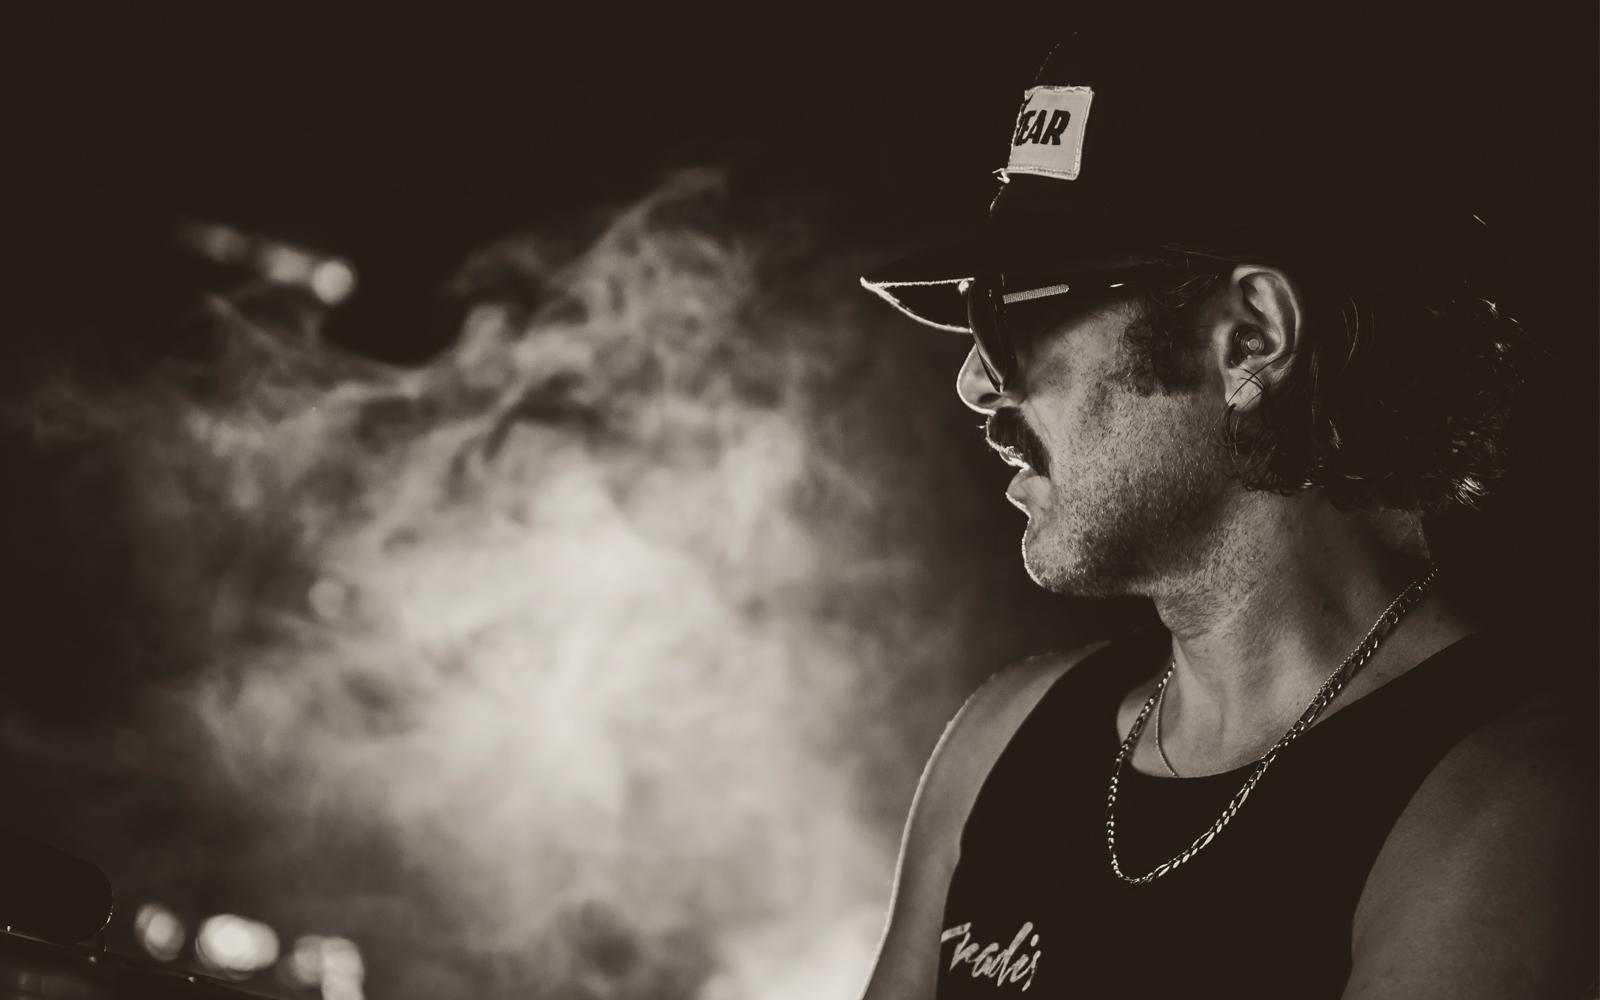 DJ HARVEY 2017 TOUR OF JAPAN